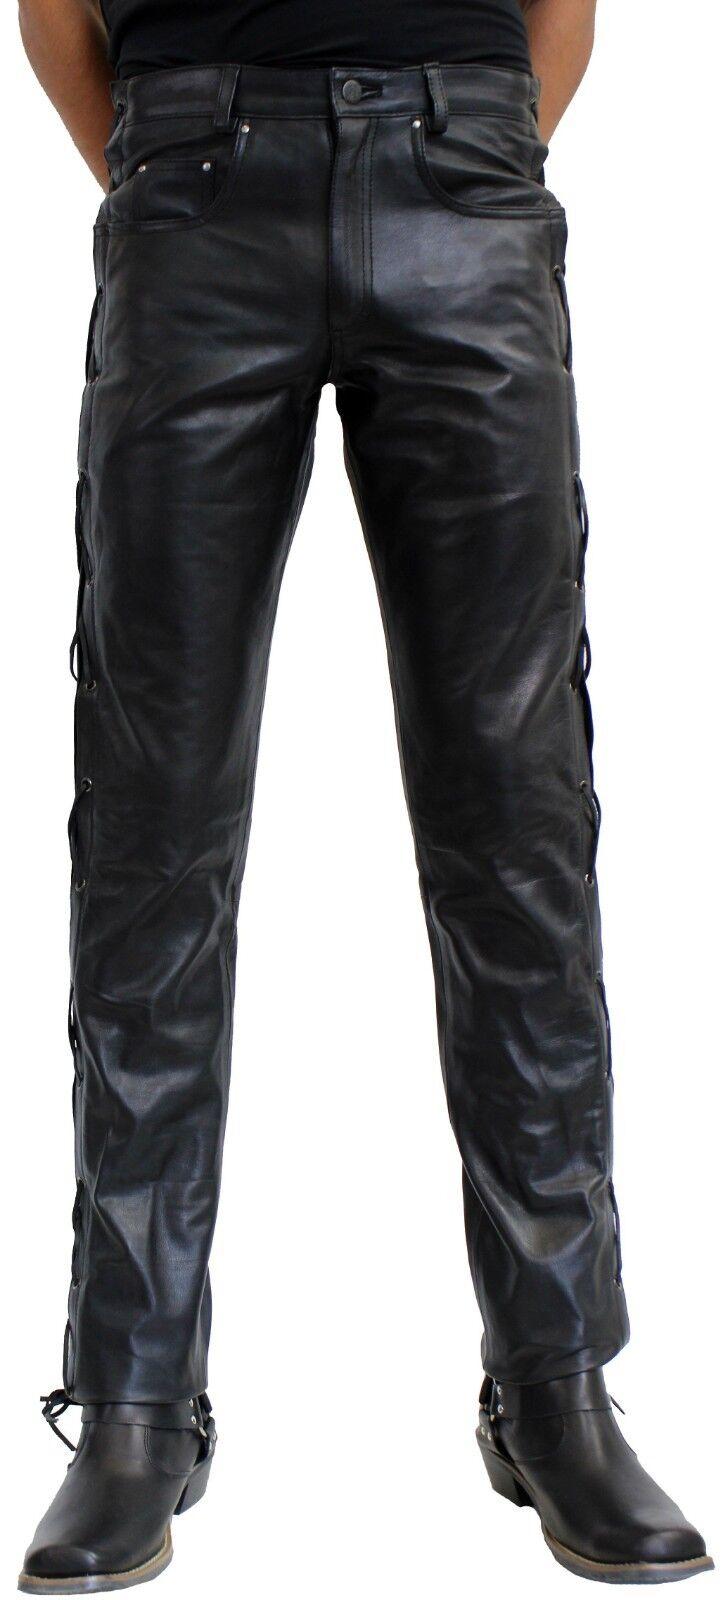 Schnürhose Bikerhose BOSS aus robustem Nappa Leder in braun oder schwarz